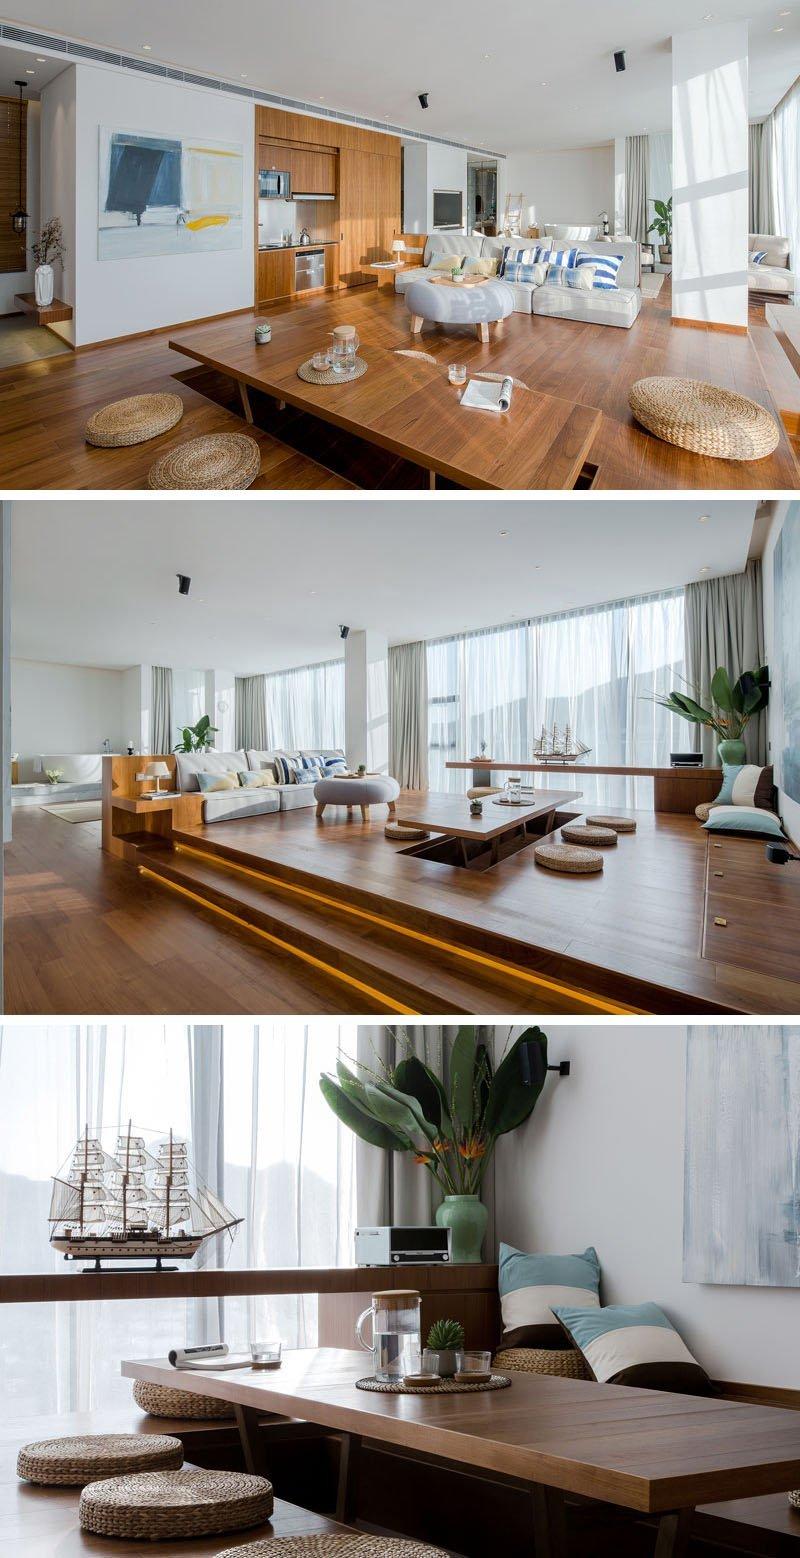 Di Apartemen Ini Platform Lebih Tinggi Diaplikasikan Ruang Keluarga Yang Memiliki Konsep Terbuka Dengan Adanya